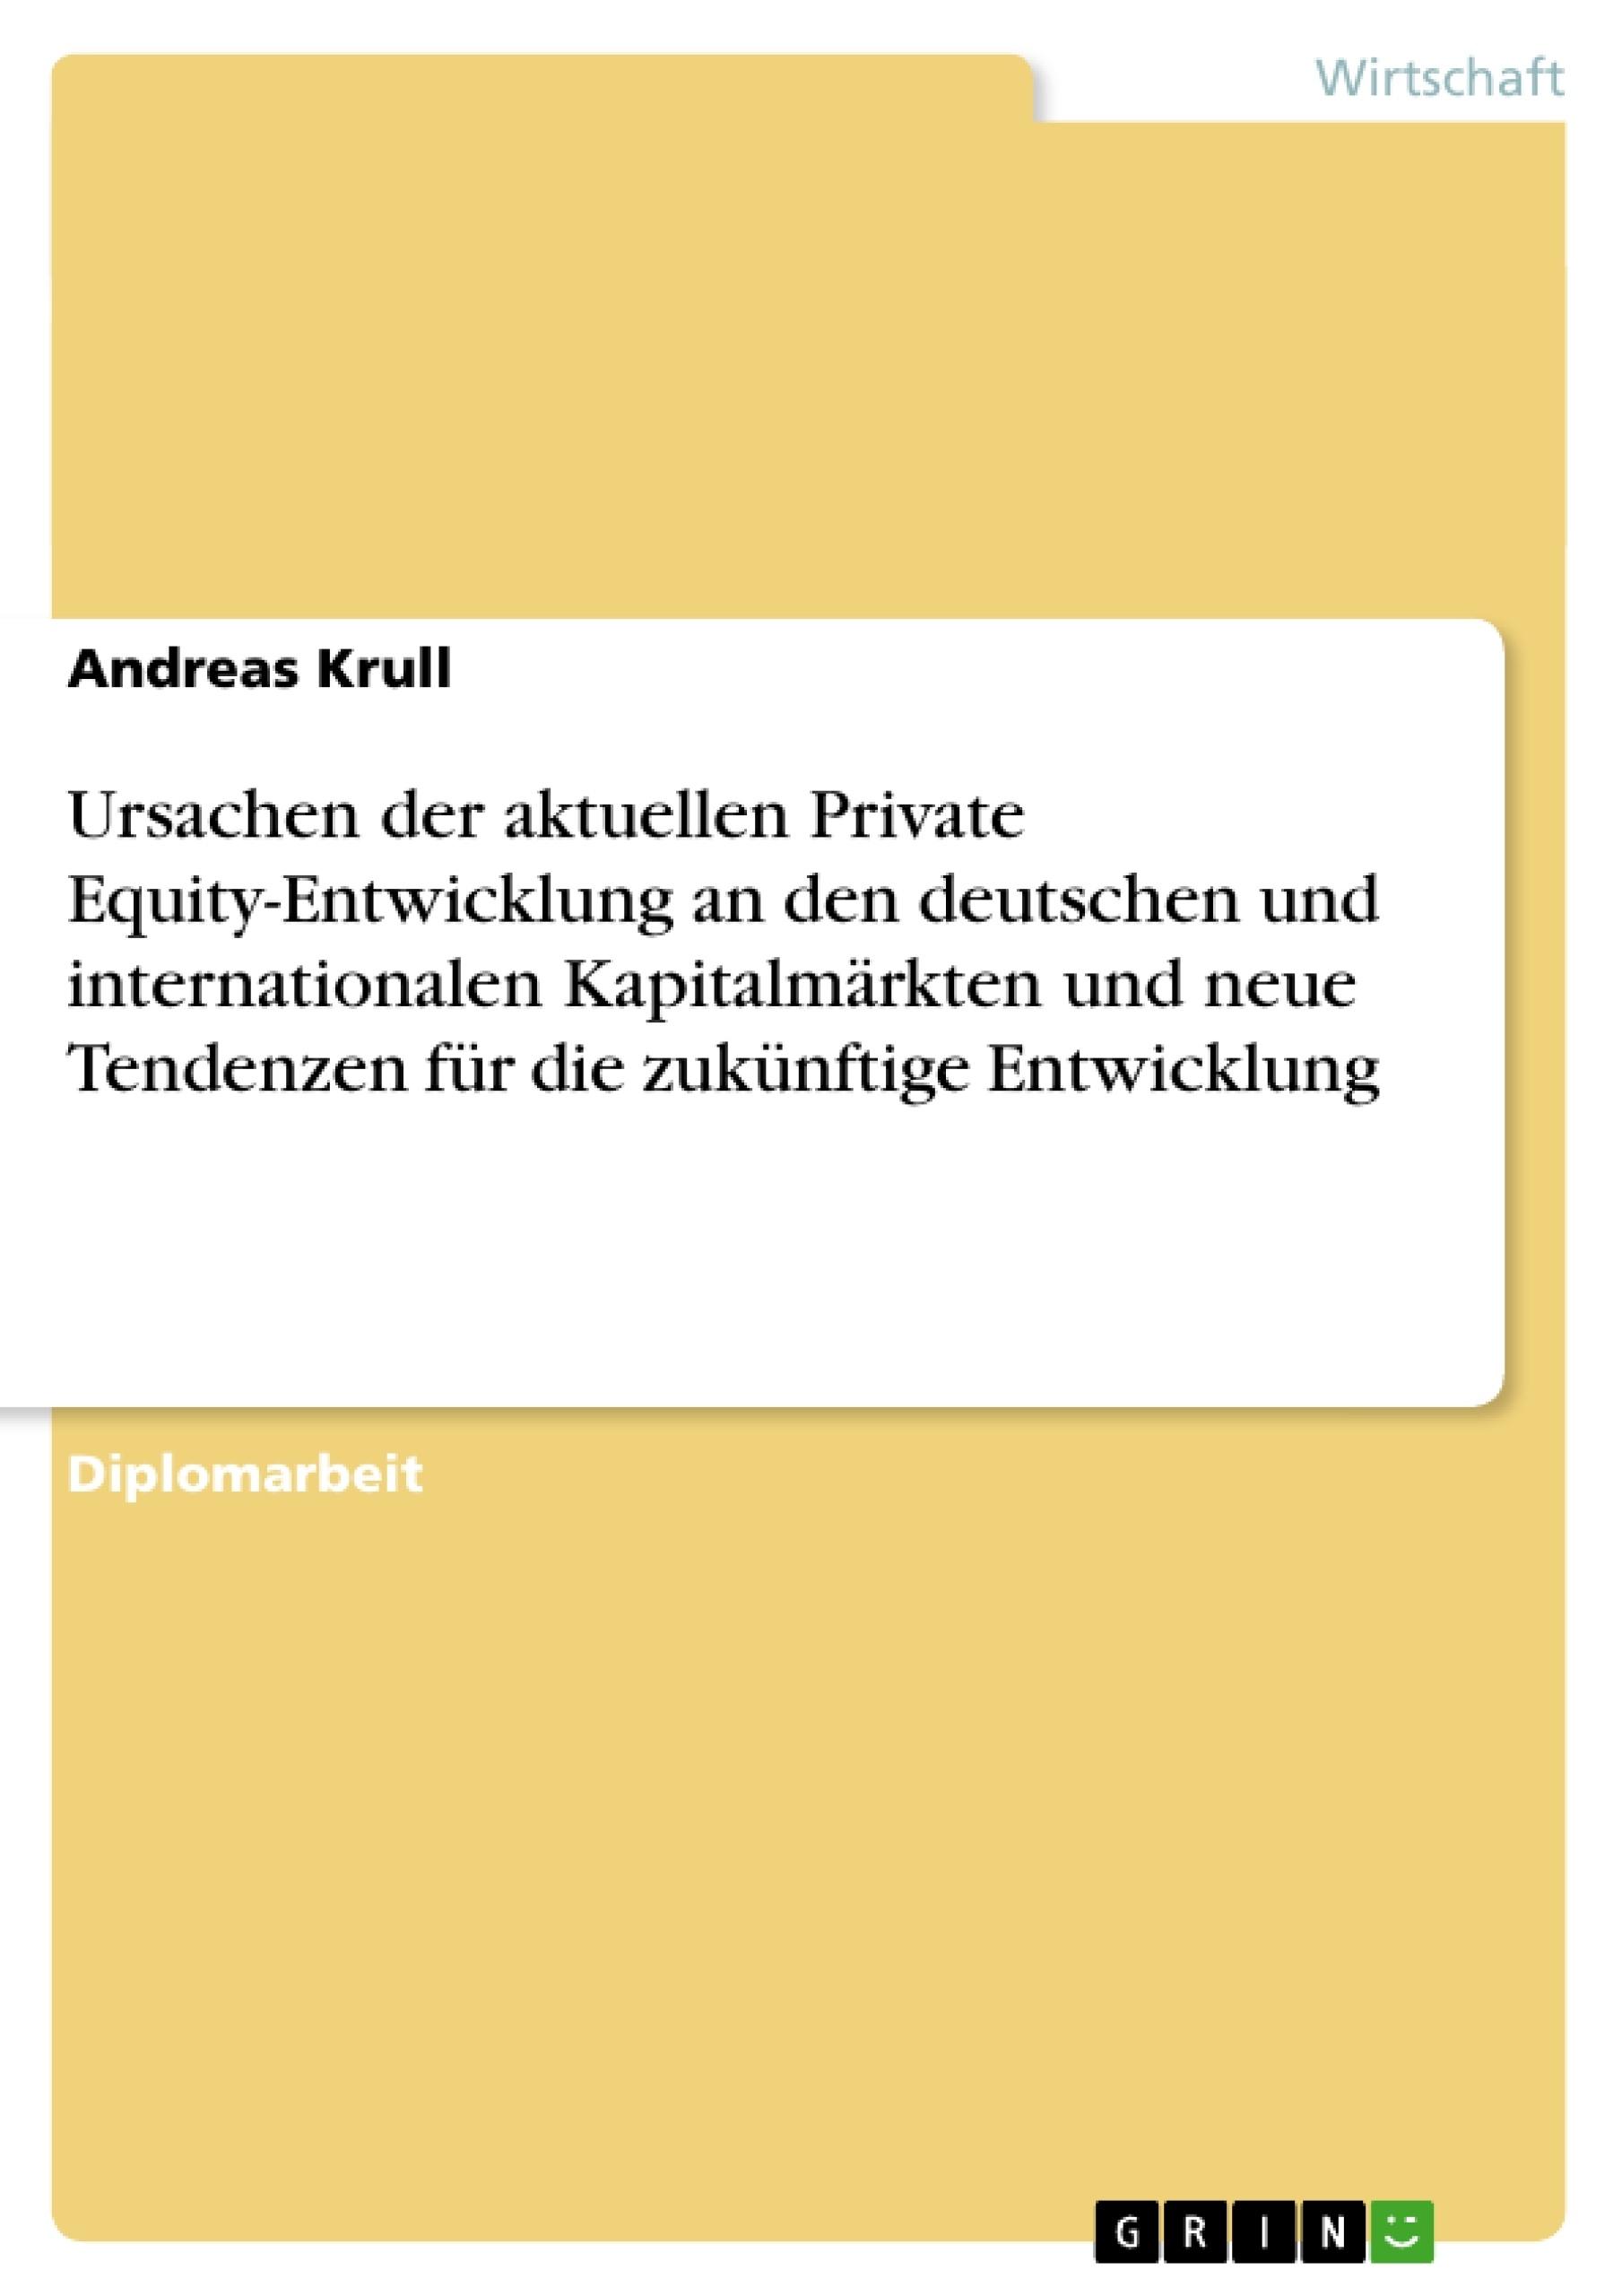 Titel: Ursachen der aktuellen Private Equity-Entwicklung an den deutschen und internationalen Kapitalmärkten und neue Tendenzen für die zukünftige Entwicklung